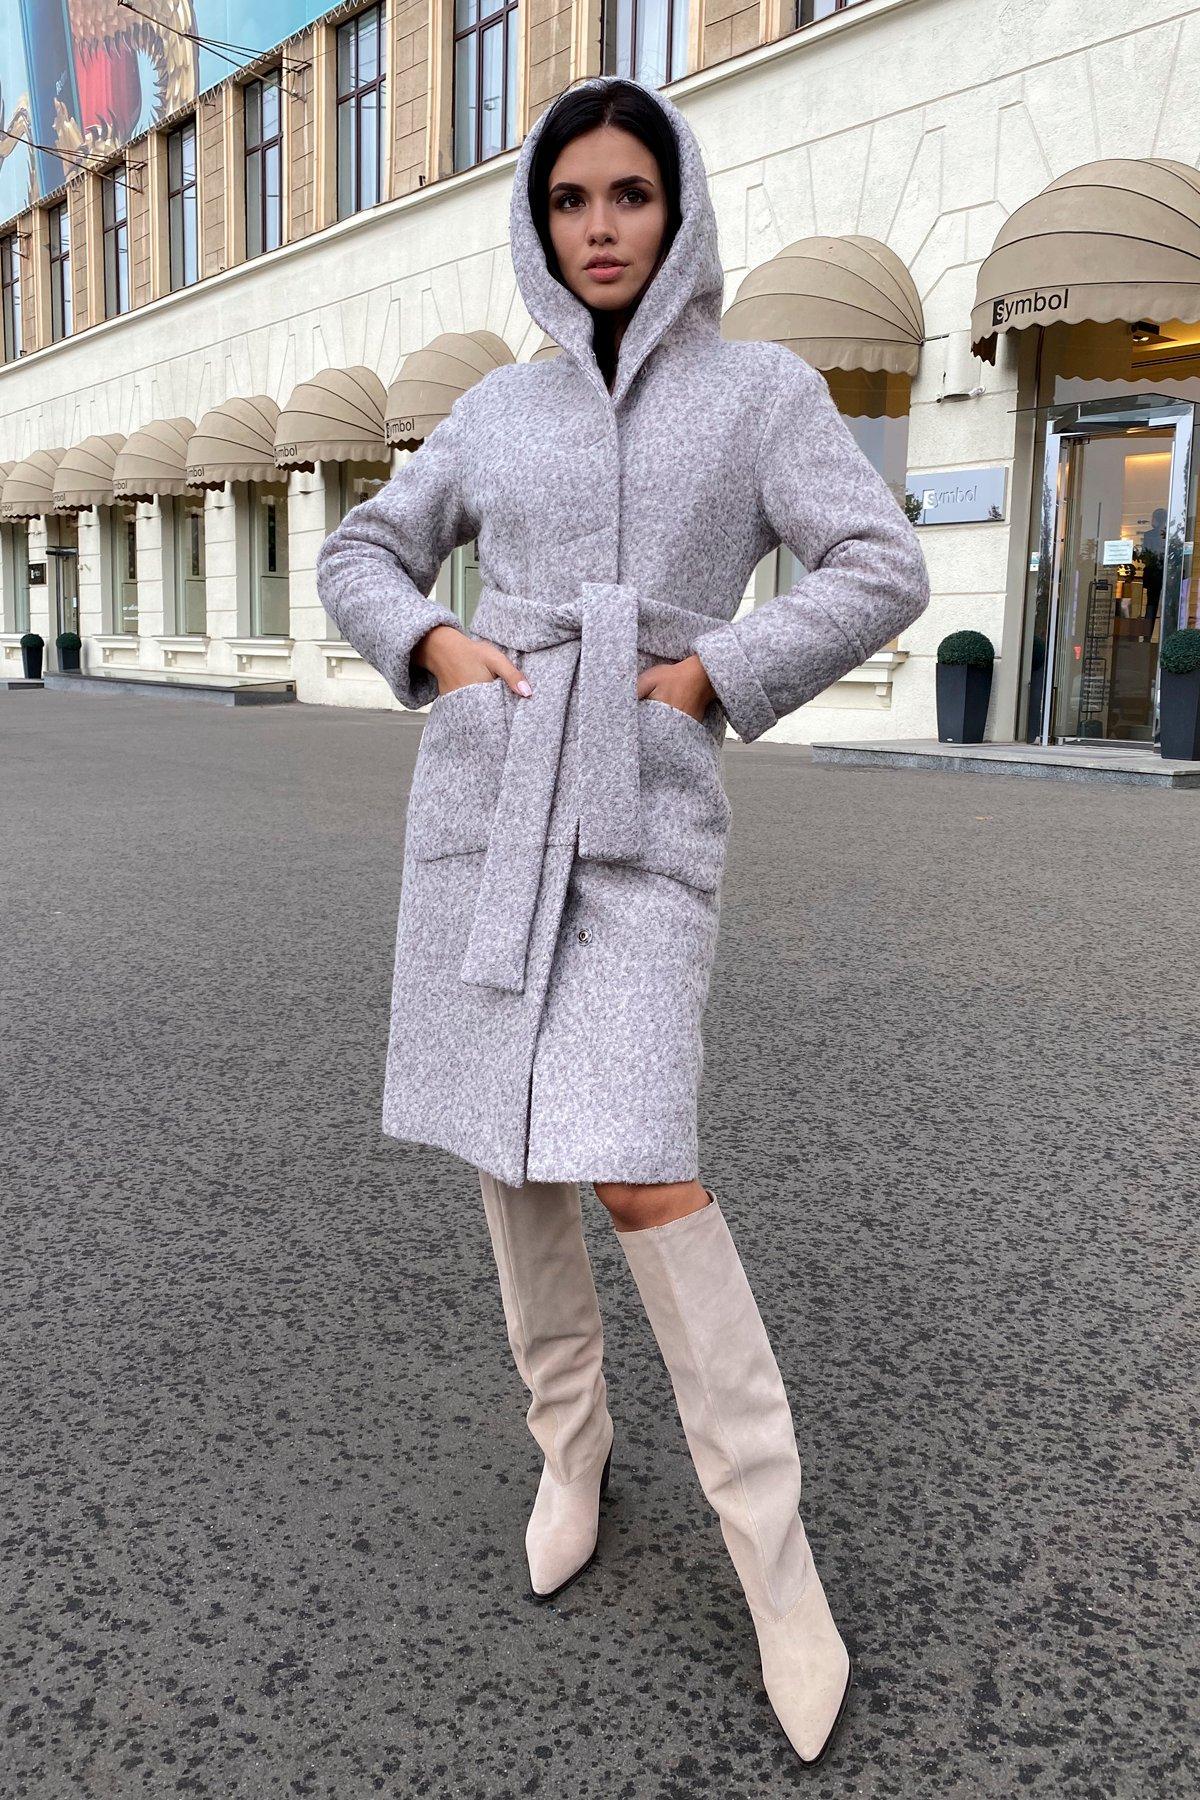 Пальто зима шерсть букле Анита 8320 АРТ. 44439 Цвет: Серый/бежевый 24 - фото 15, интернет магазин tm-modus.ru